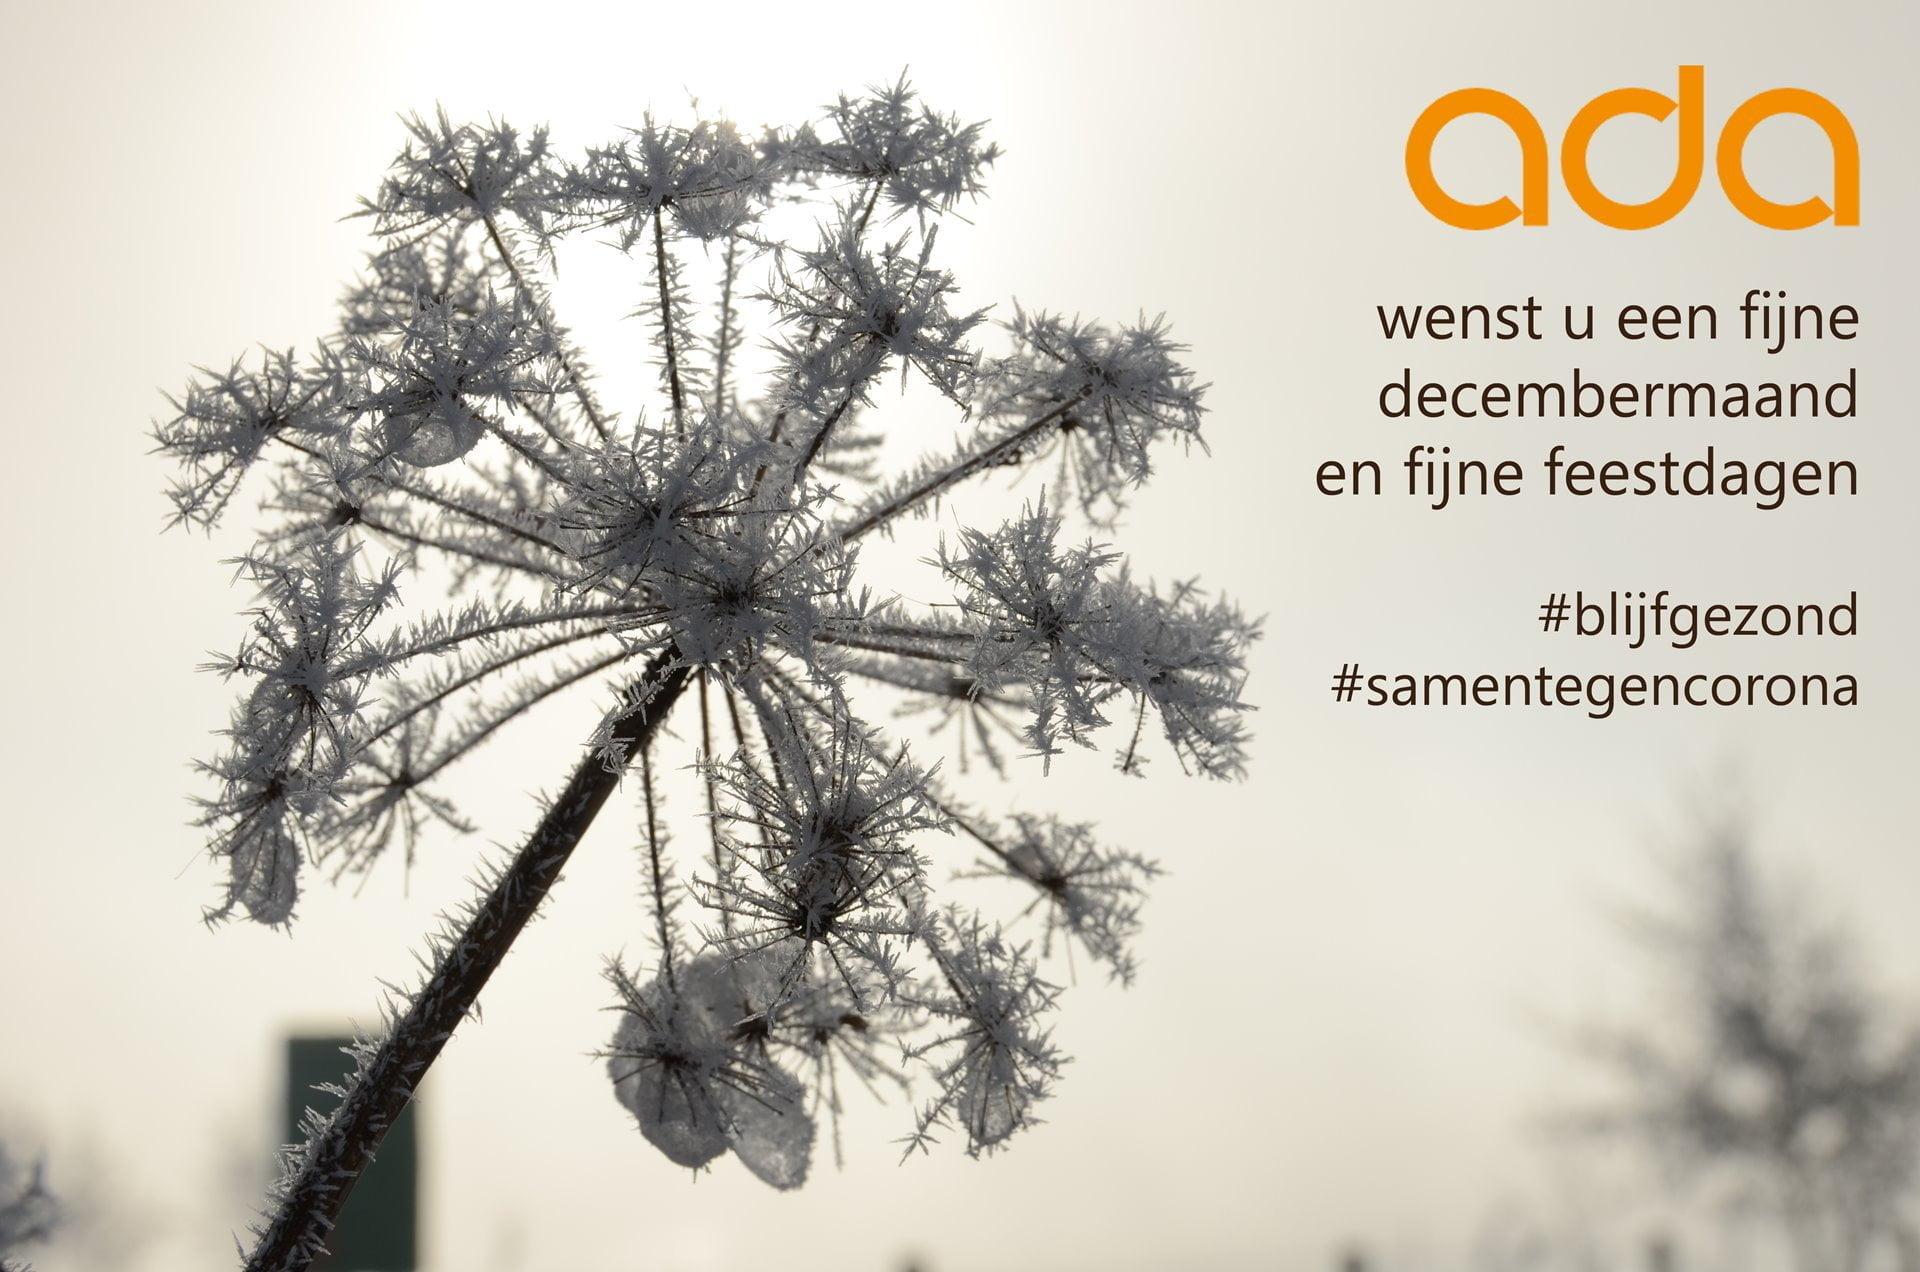 Fijne decembermaand en ...